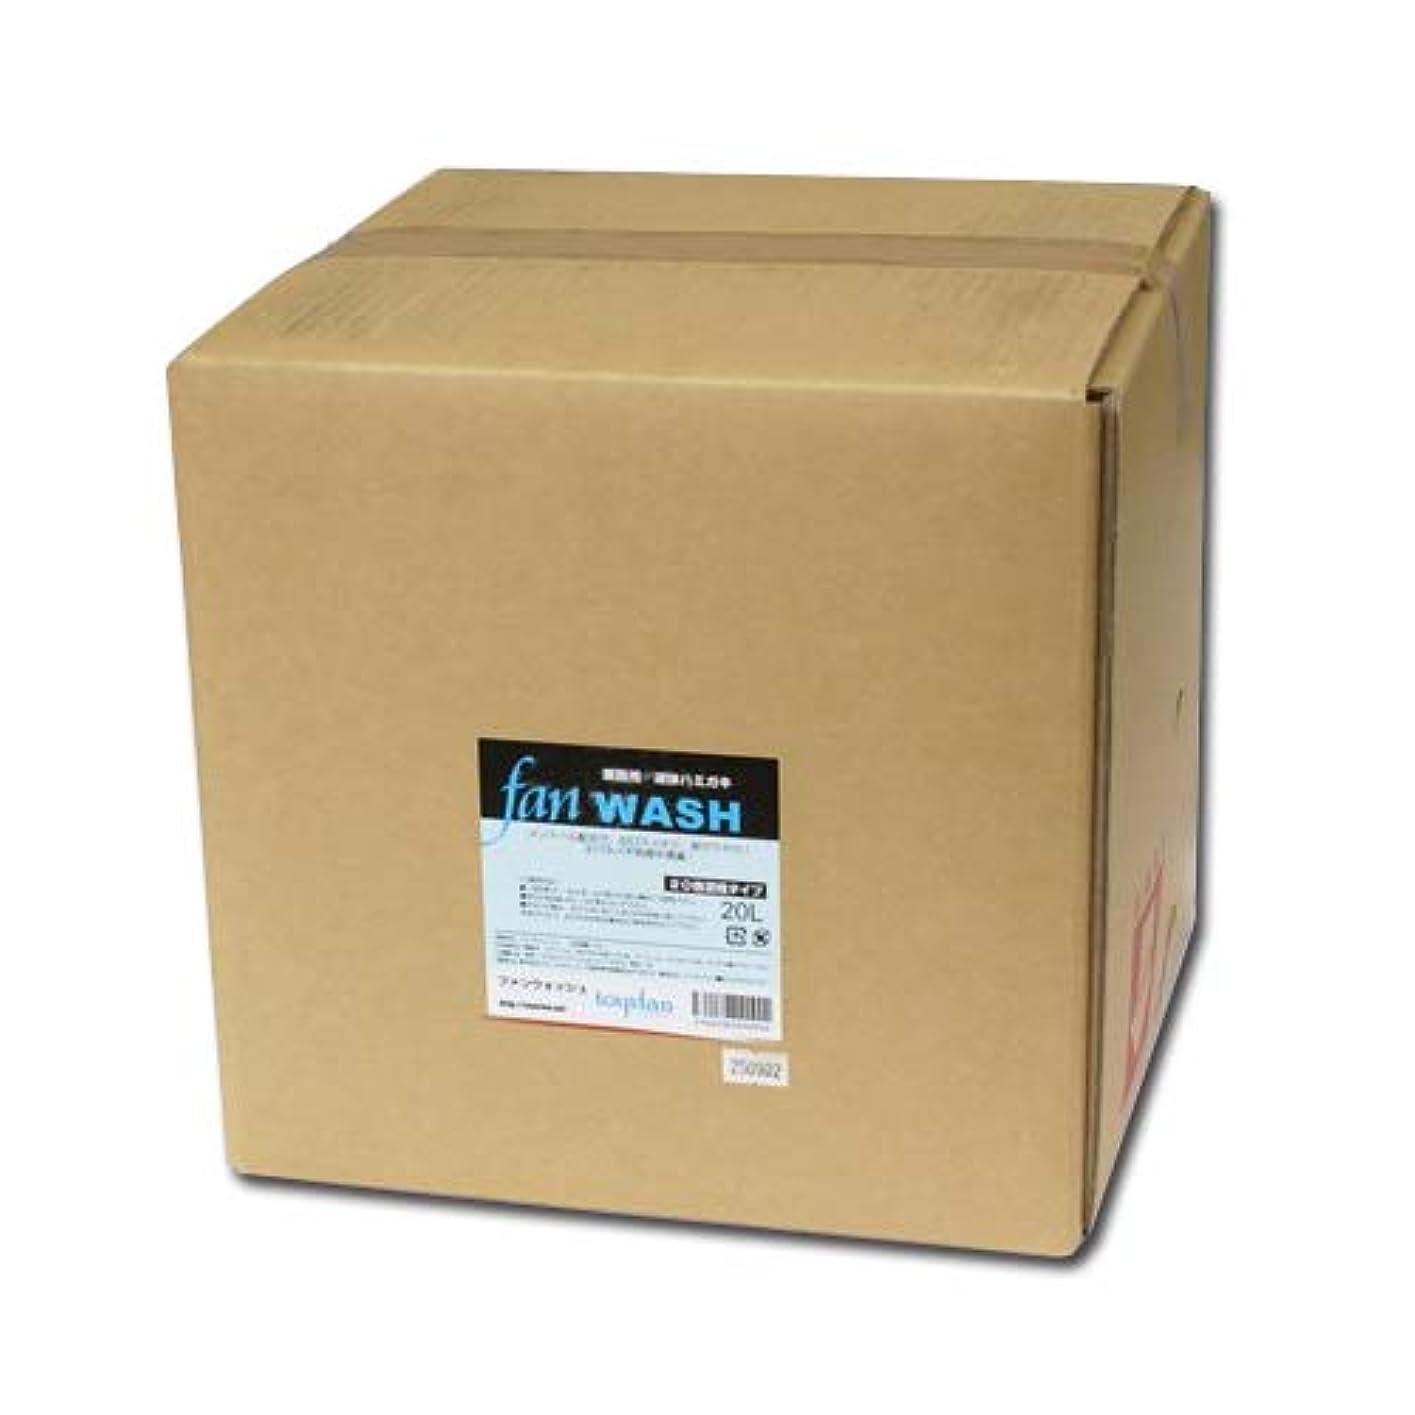 ファンウォッシュ 20L(20倍濃縮)業務用液体ハミガキ FAN WASHメントール配合│液体歯磨き大容量!うがい液